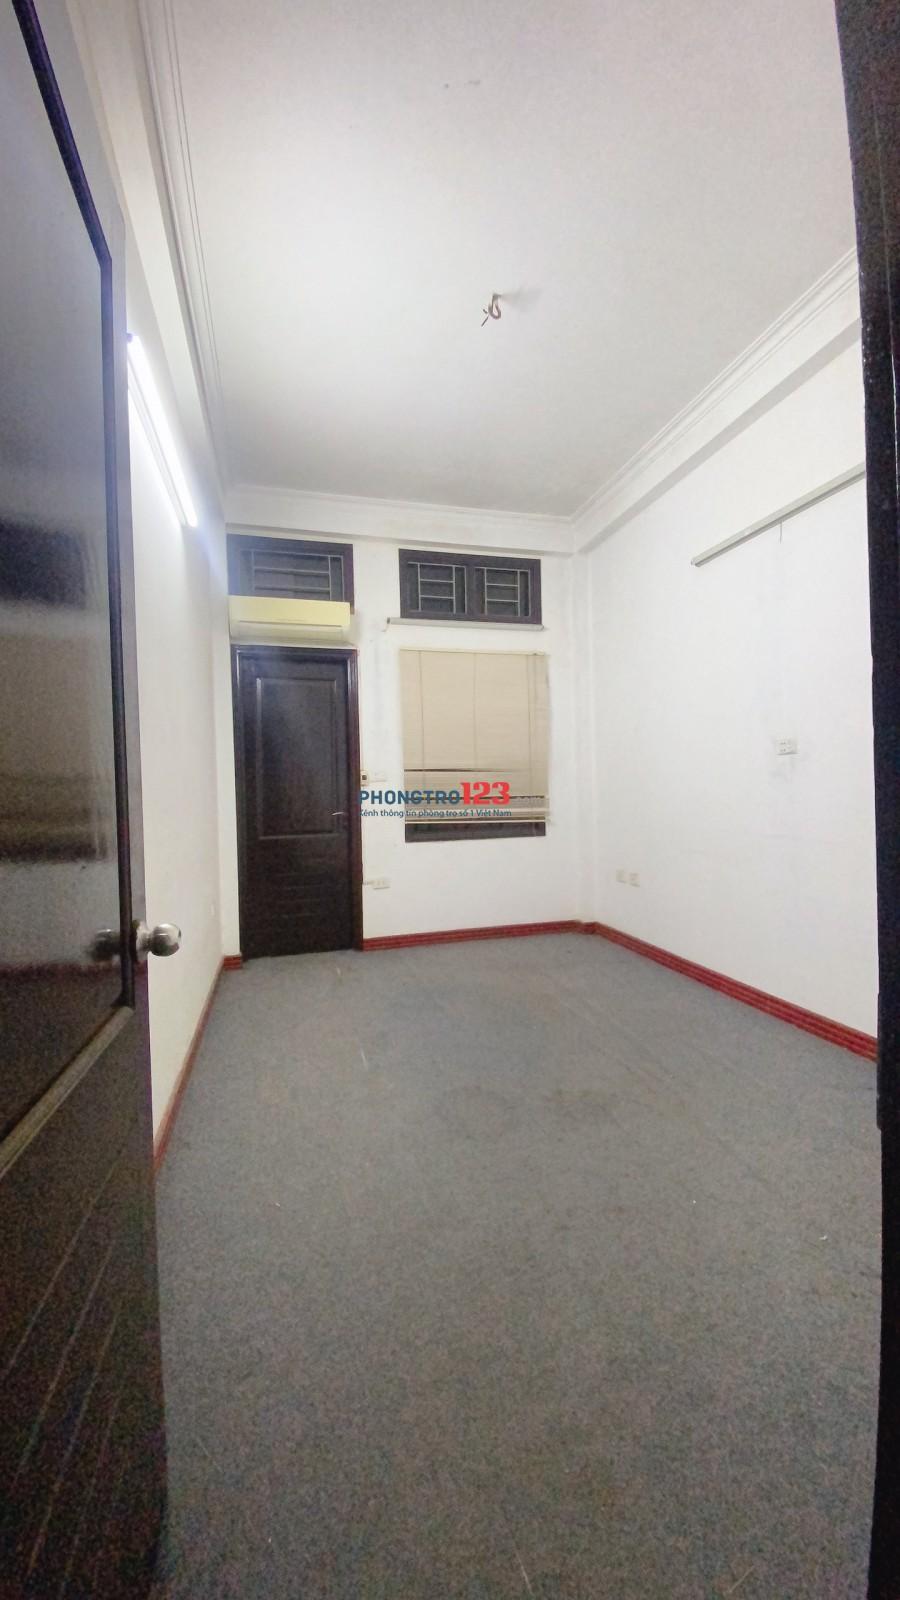 Cho thuê nhà mặt phố Quan Đông, Quan Hoa, kinh doanh sầm uất. 13 triệu/tháng. DT 45m x 4 tầng, 6 ngủ, 1 khách.